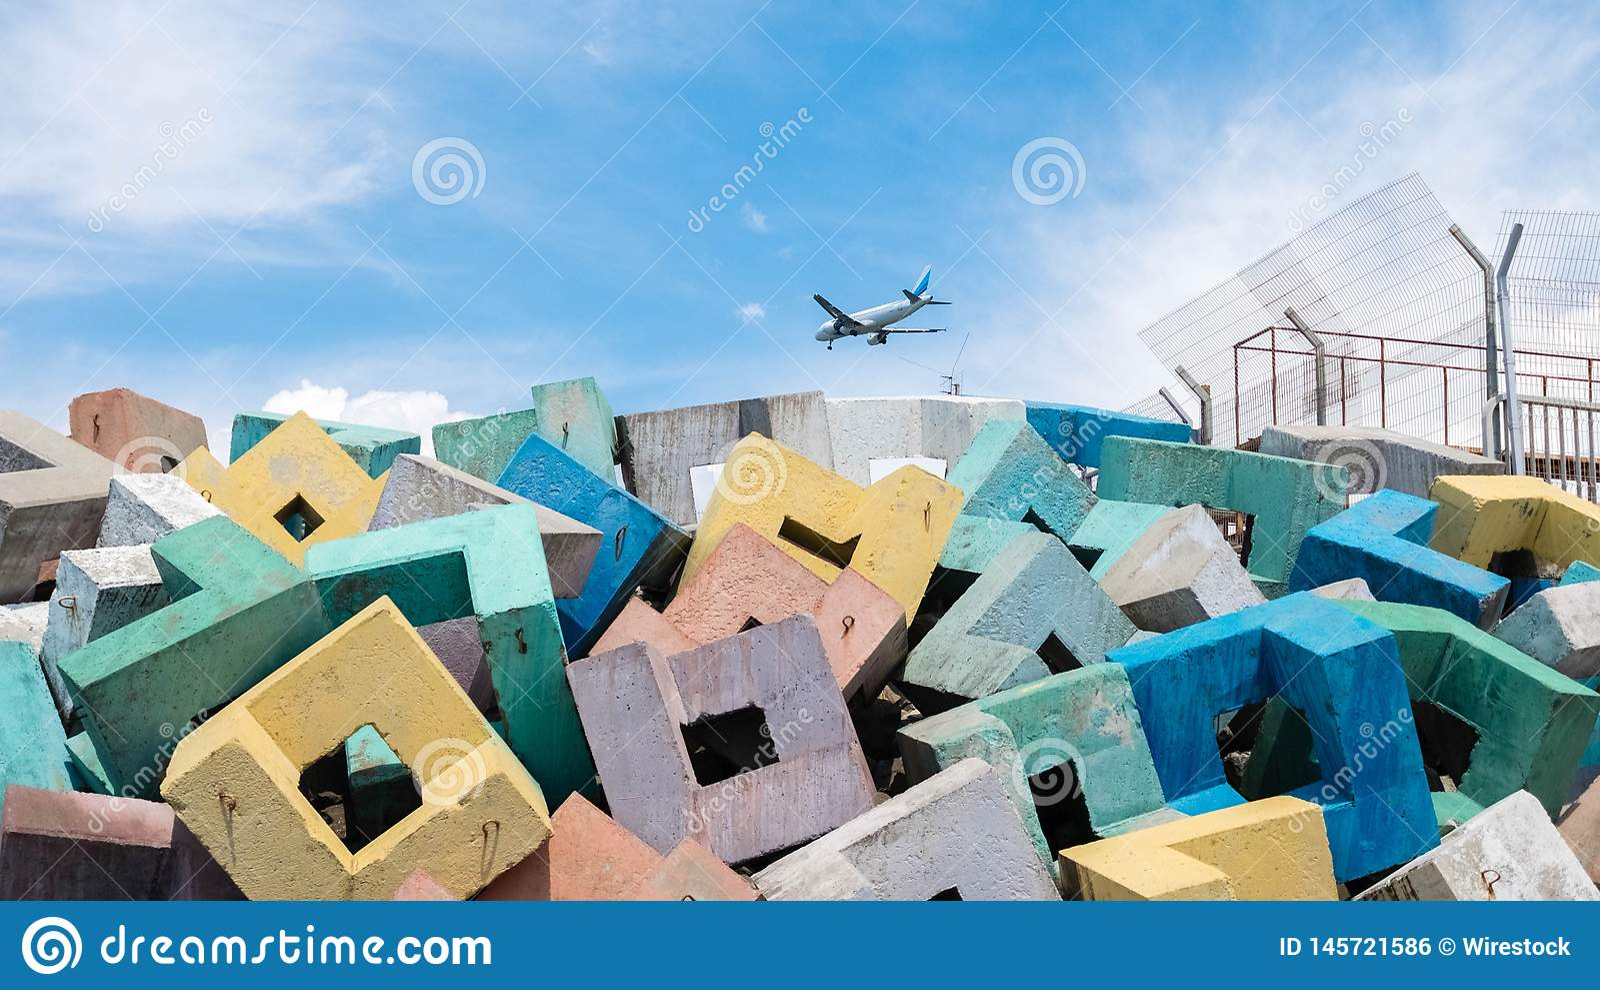 Blocs colorés avec un avion dans les nuages